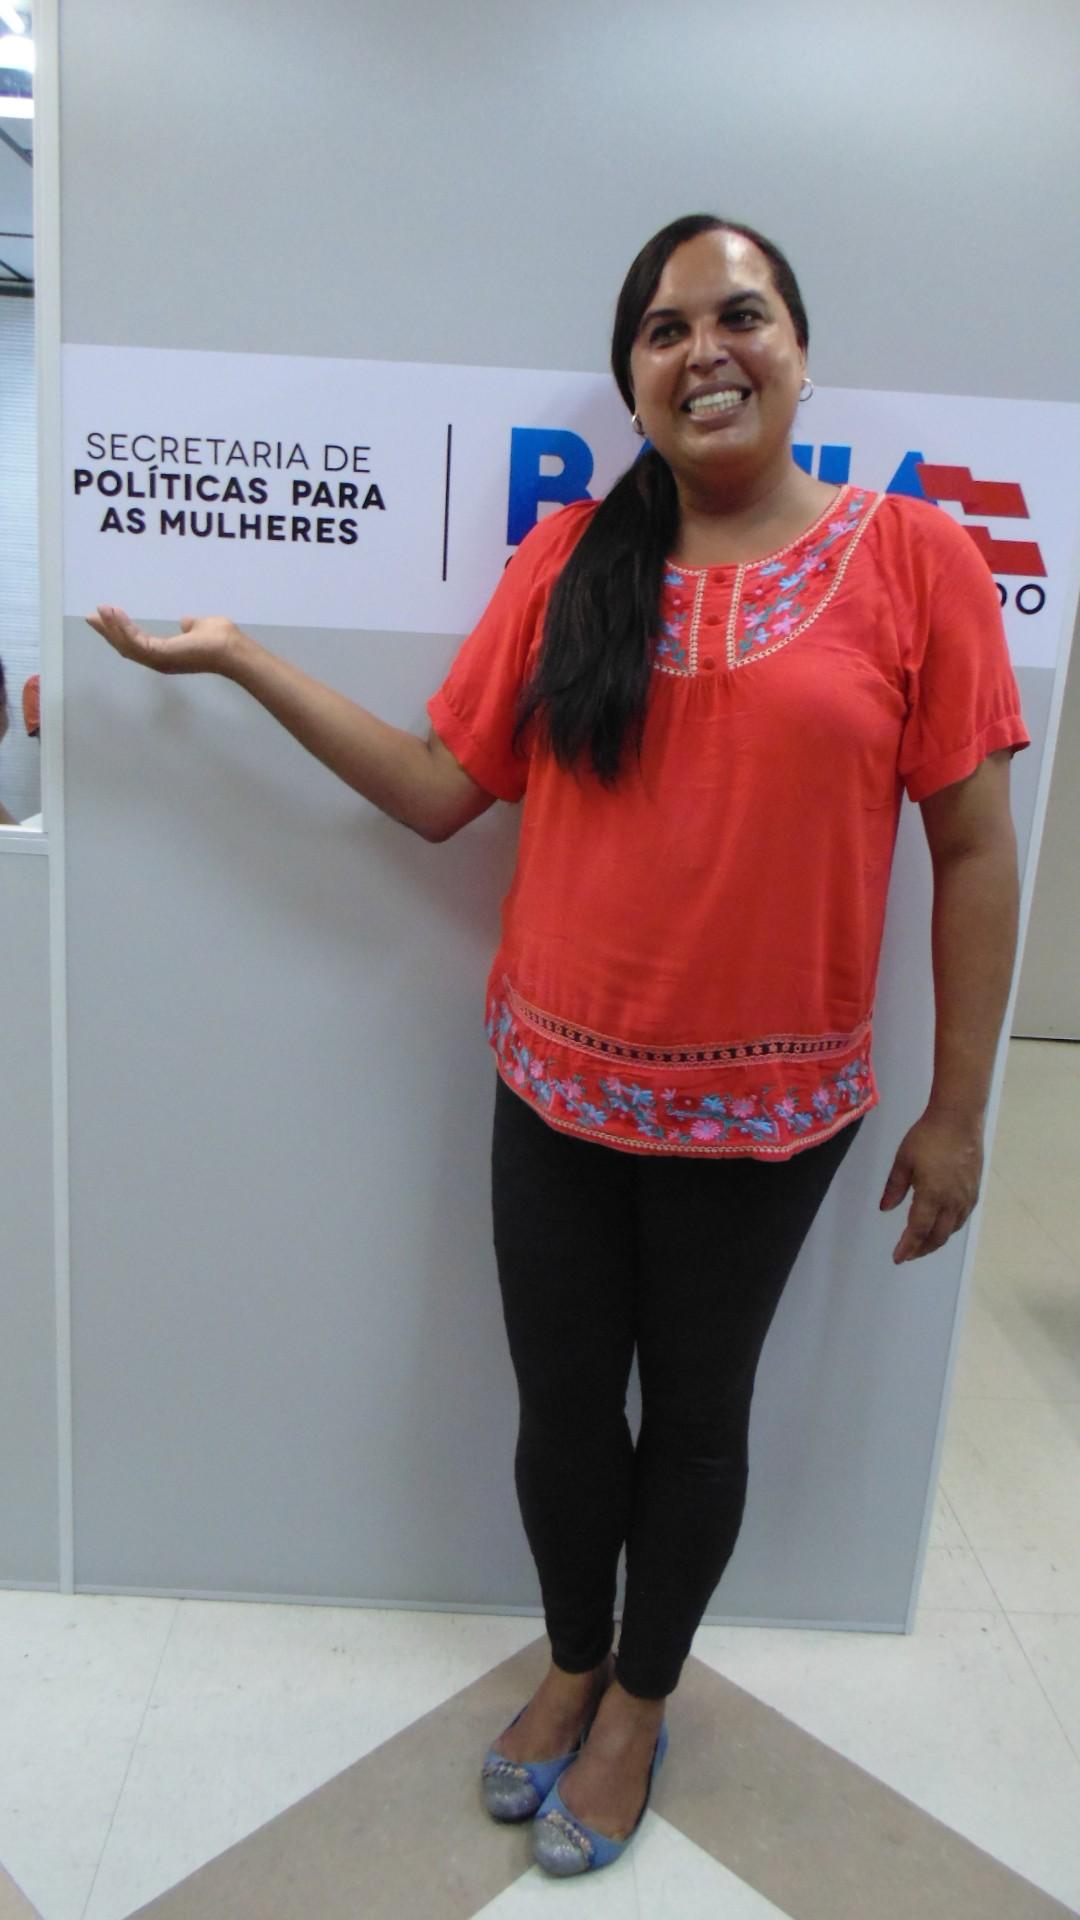 Milena Passos é a primeira mulher trans no Brasil a trabalhar em uma Secretaria de Políticas para Mulheres